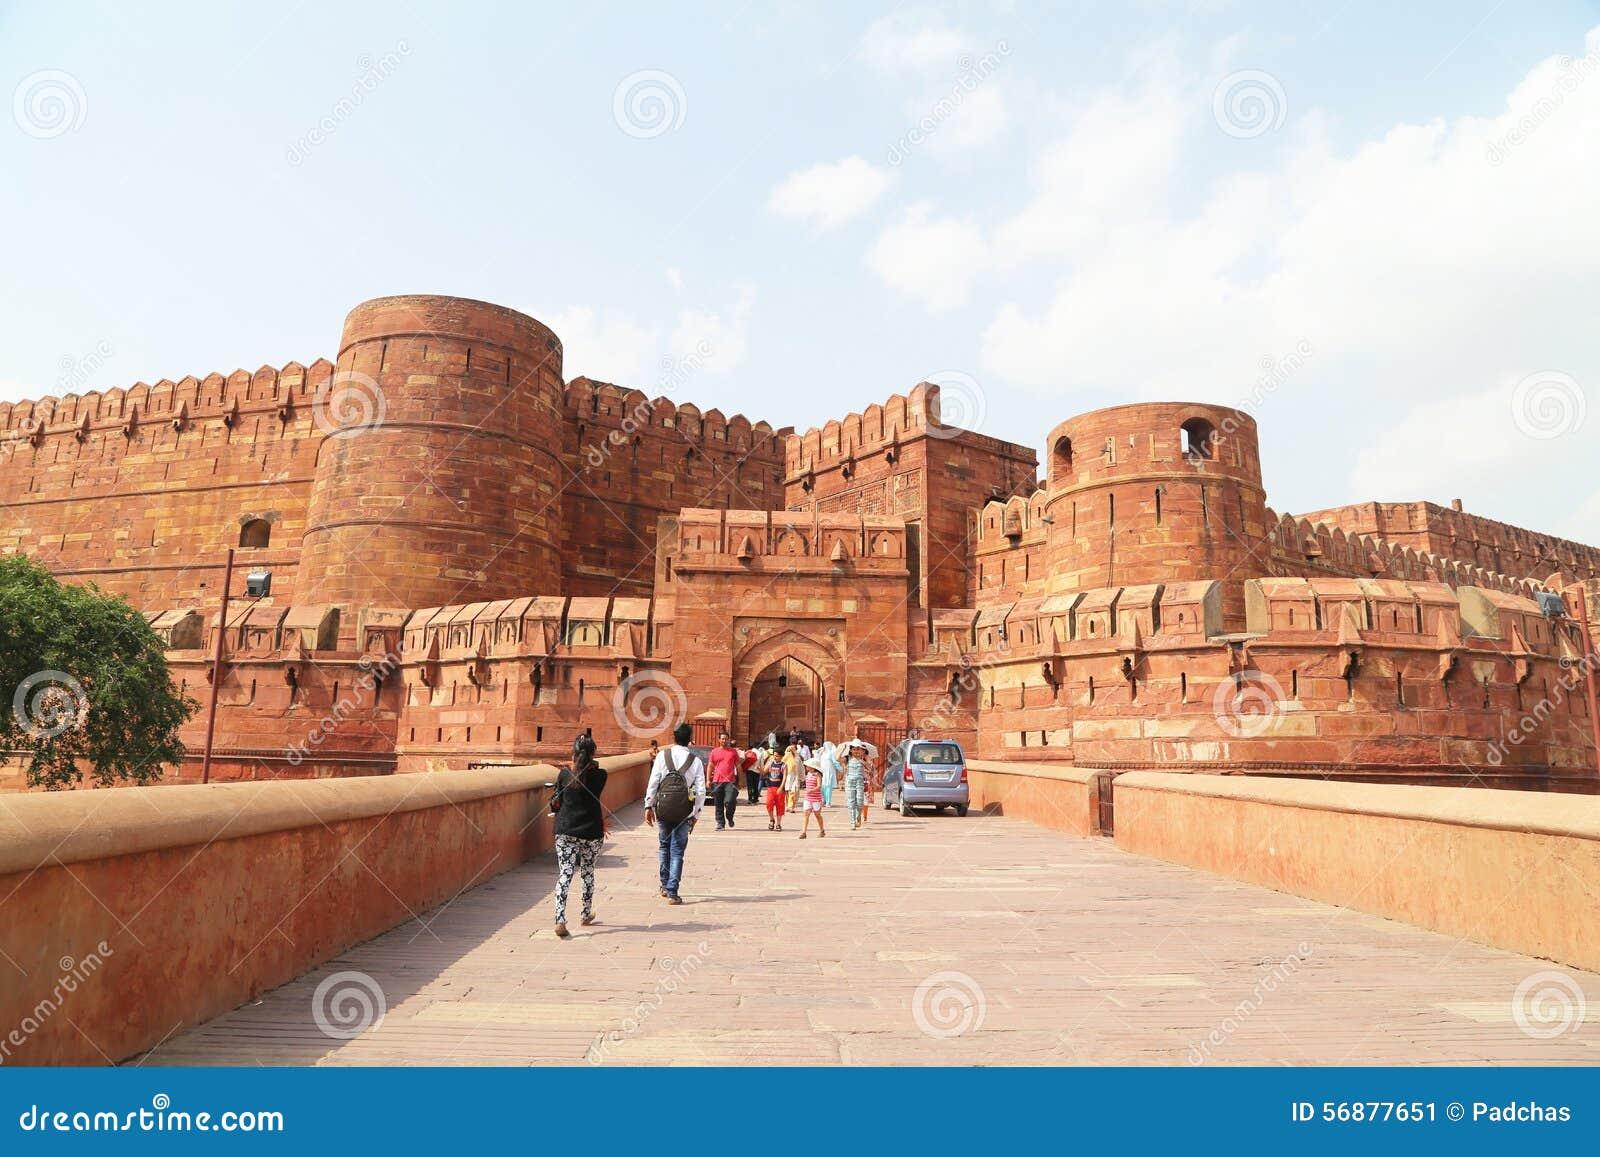 Turisti all entrata alla fortificazione di Agra, Agra, Uttar Pradesh, India